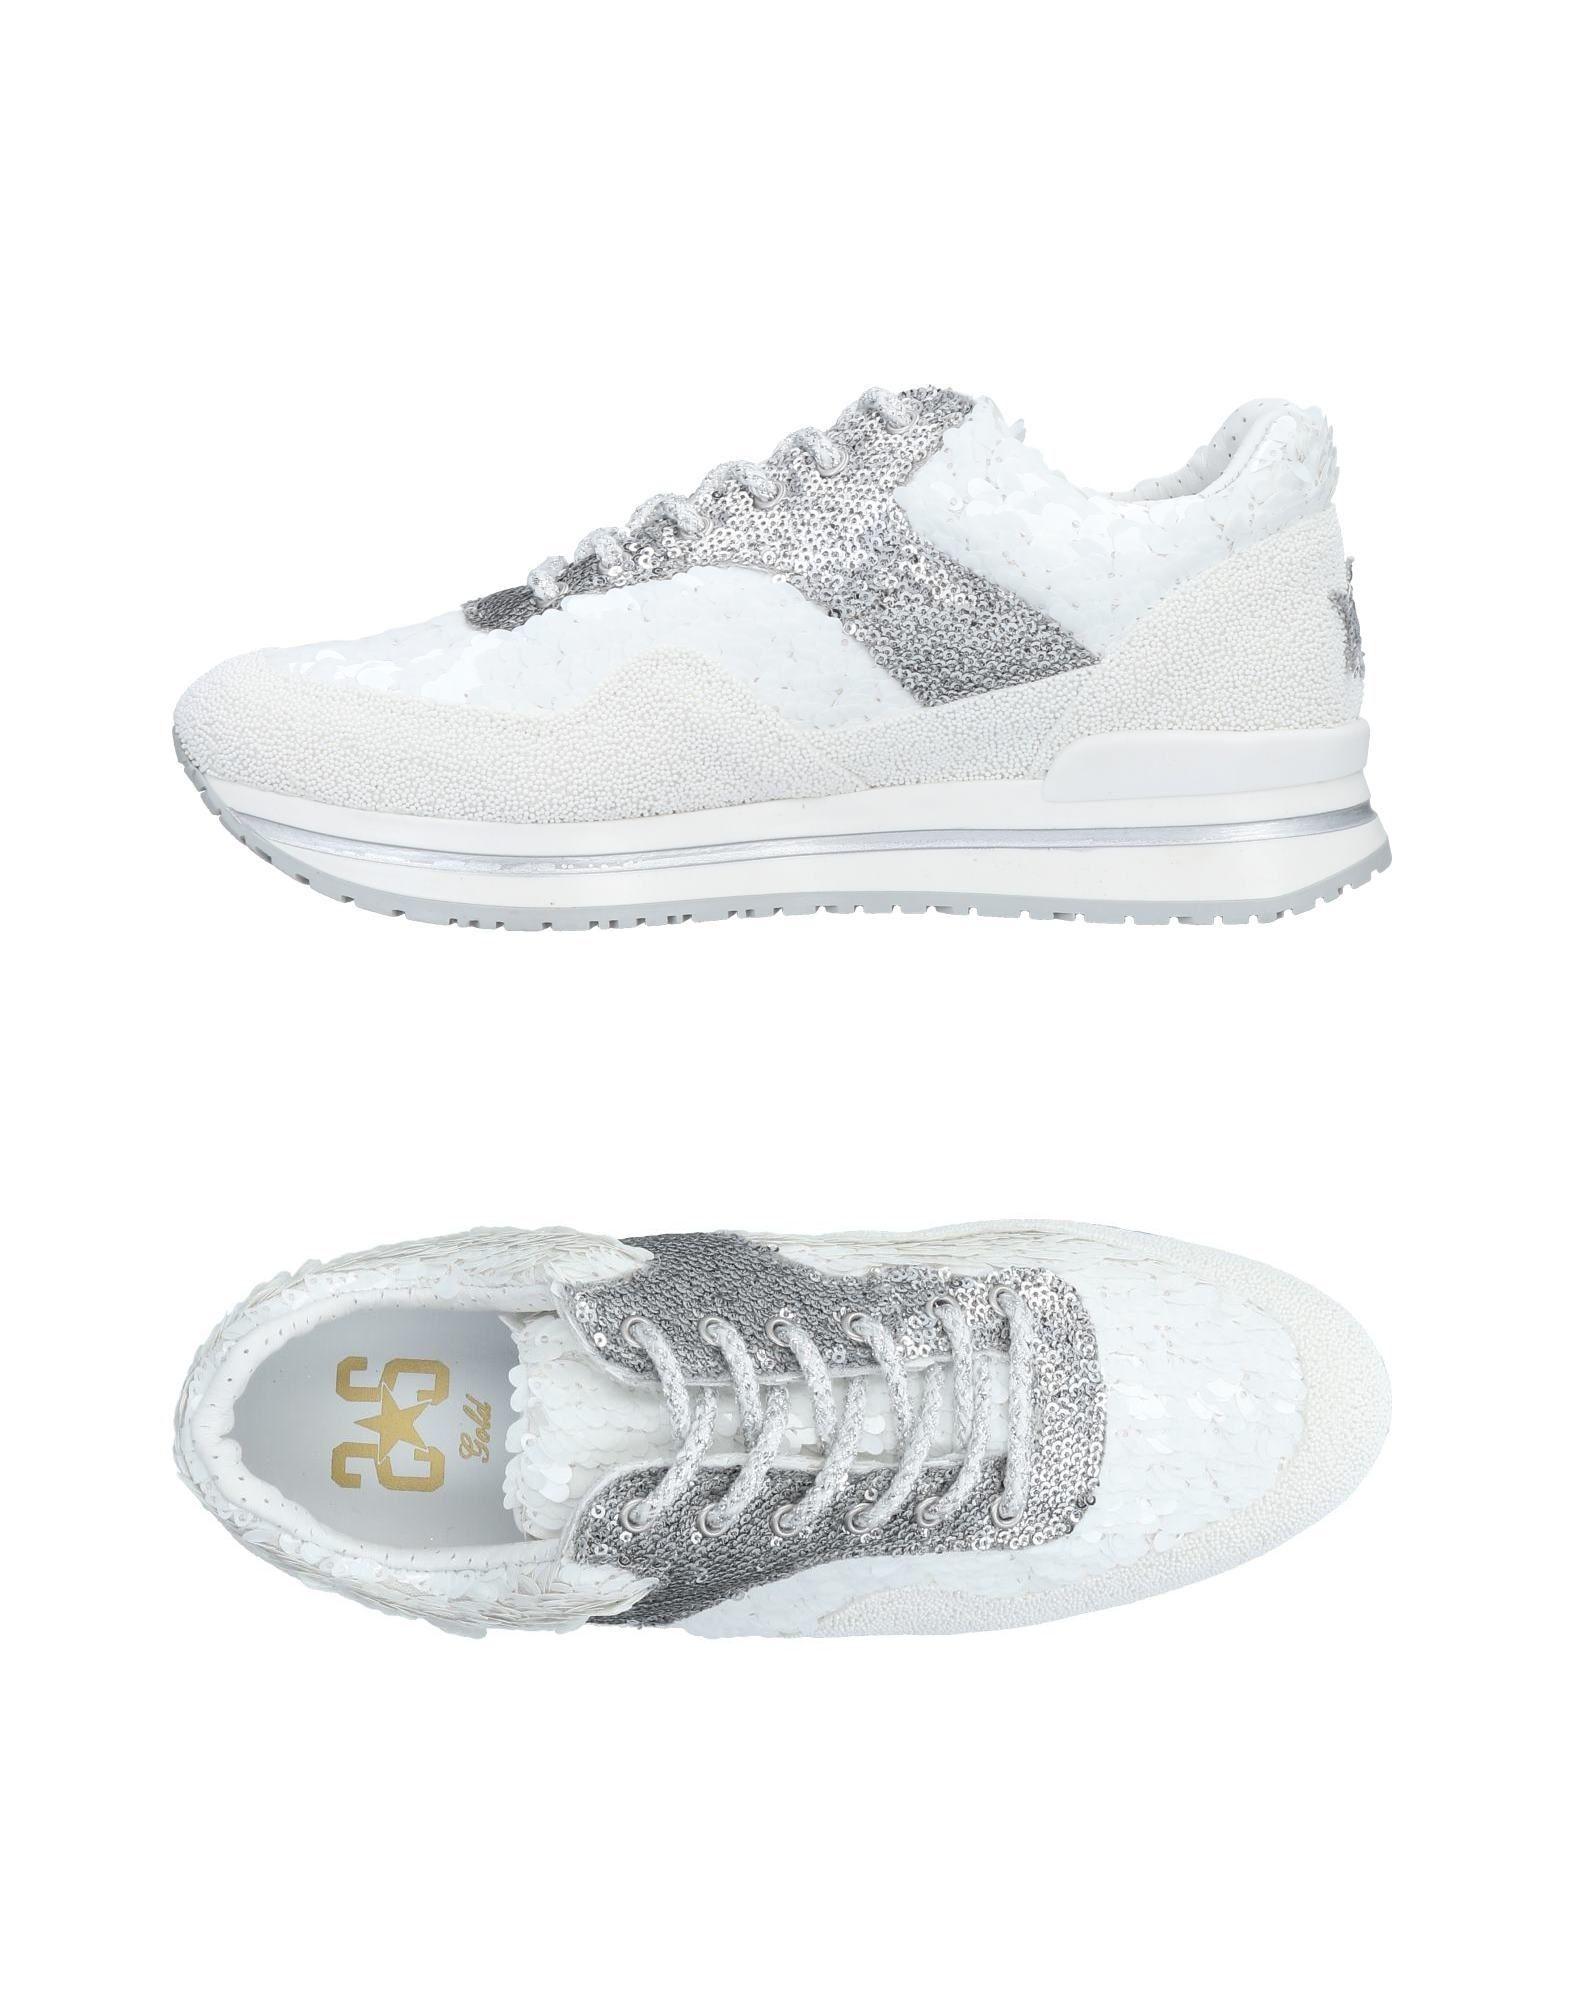 Baskets 2Star Femme - Baskets 2Star Blanc Les chaussures les plus populaires pour les hommes et les femmes